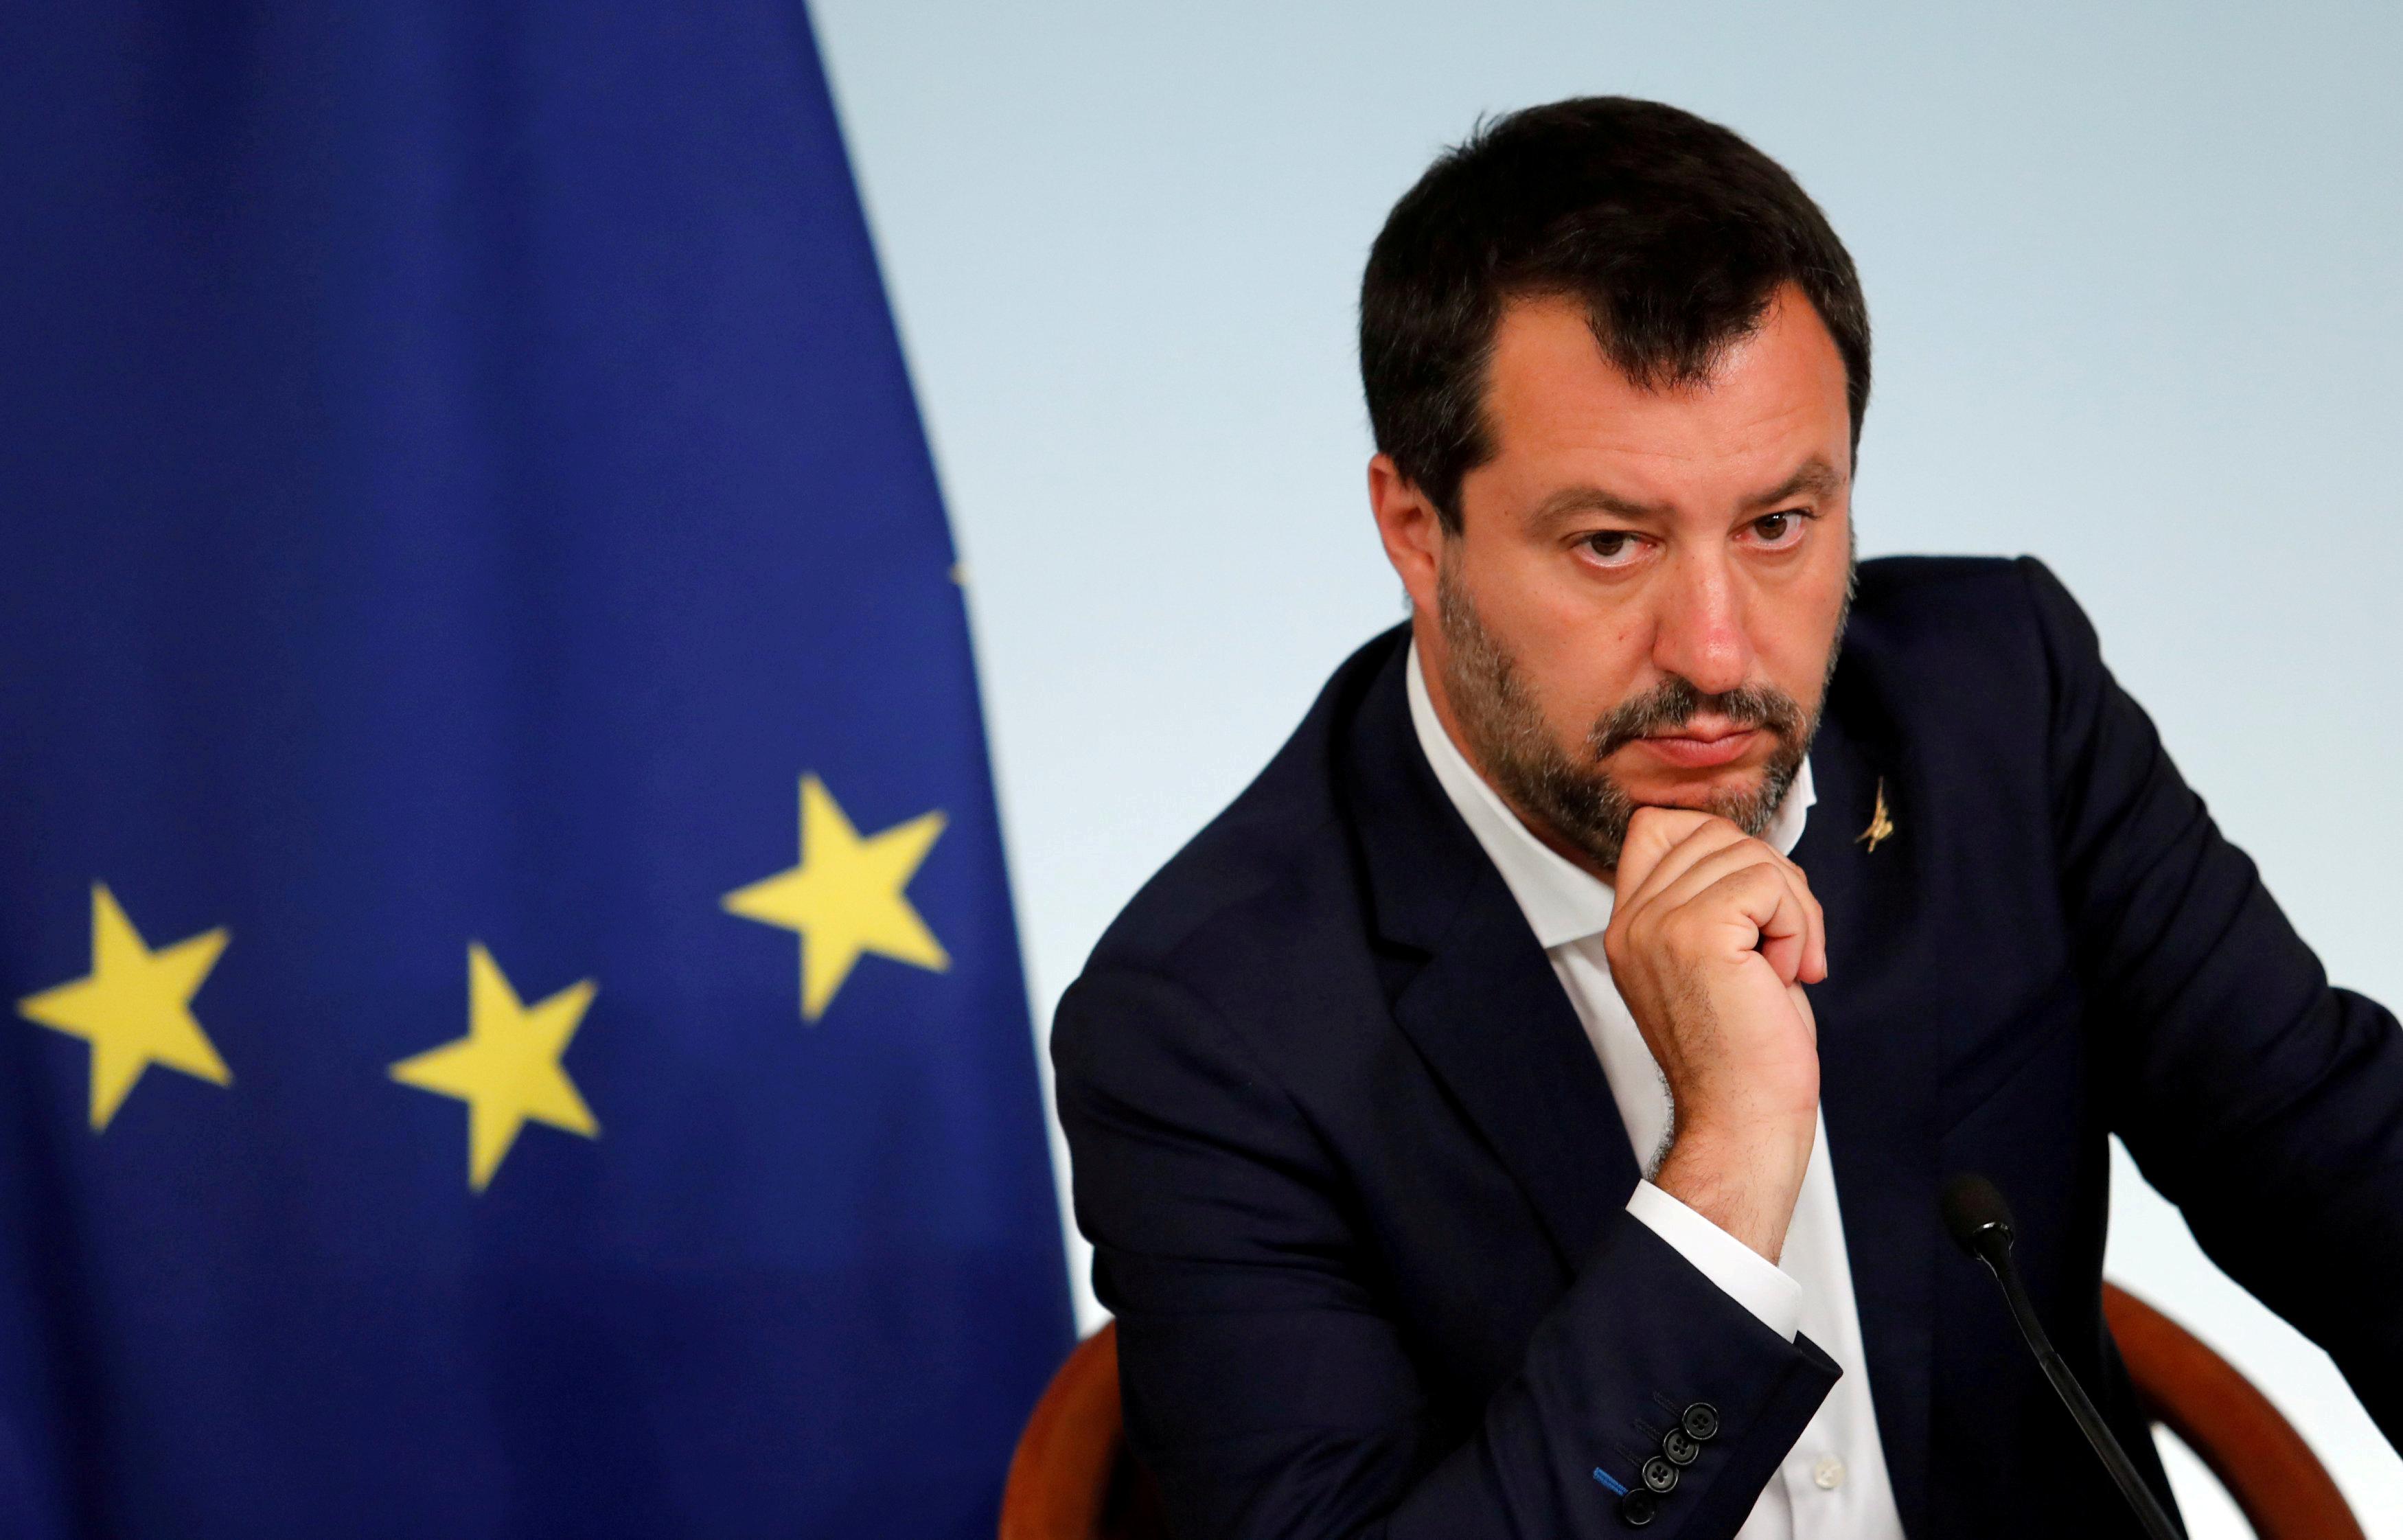 Σαλβίνι: Ανοιχτό το ενδεχόμενο για εκλογές στην Ιταλία το Φθινόπωρο